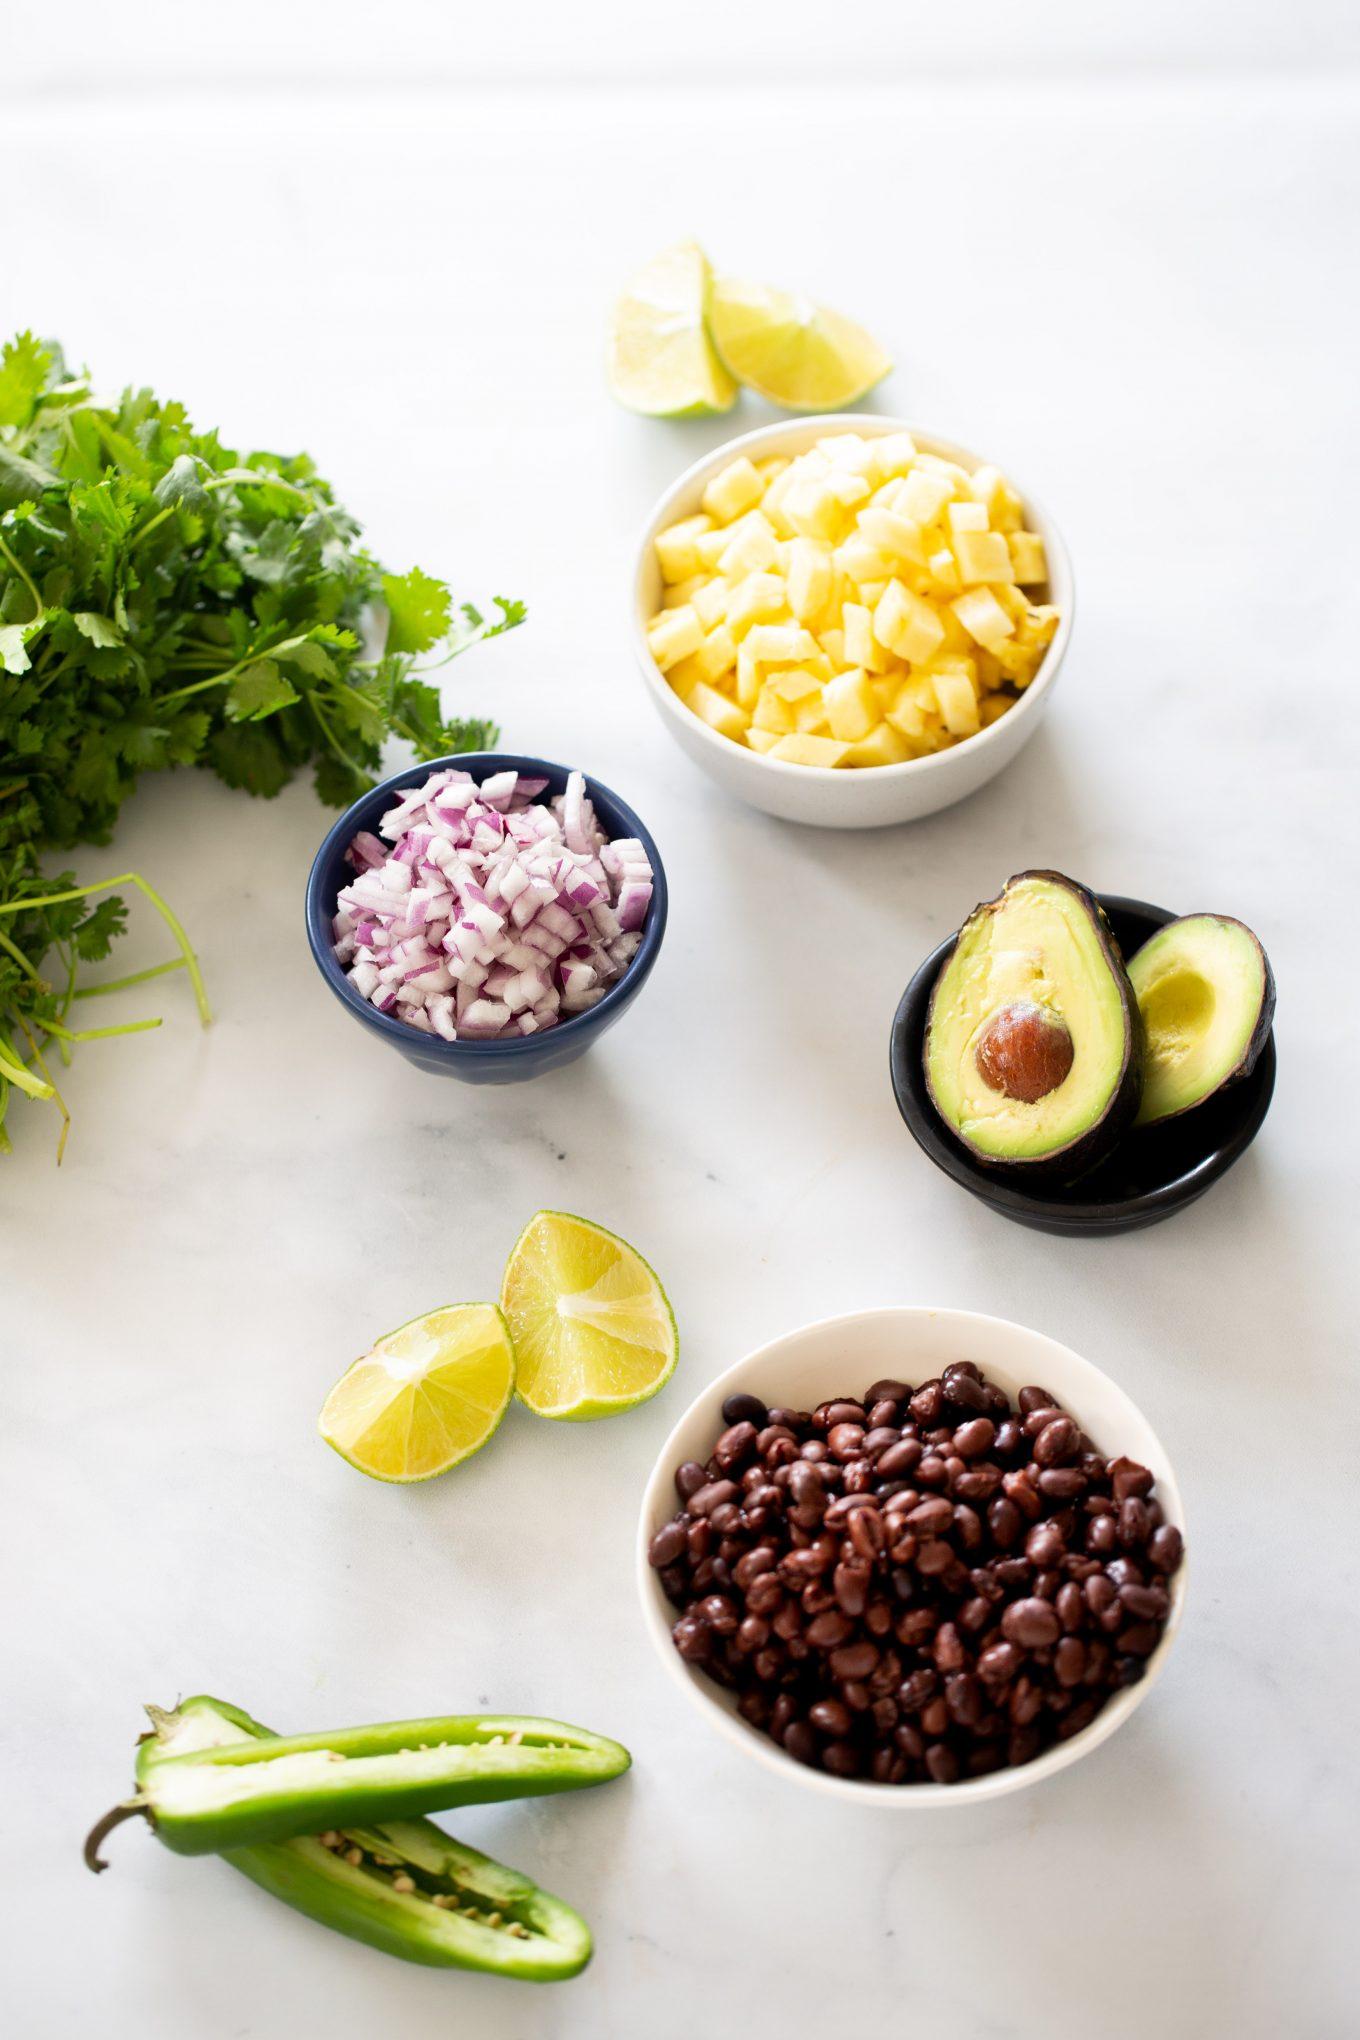 Ingredientes para hacer una salsa mexicana con piña.